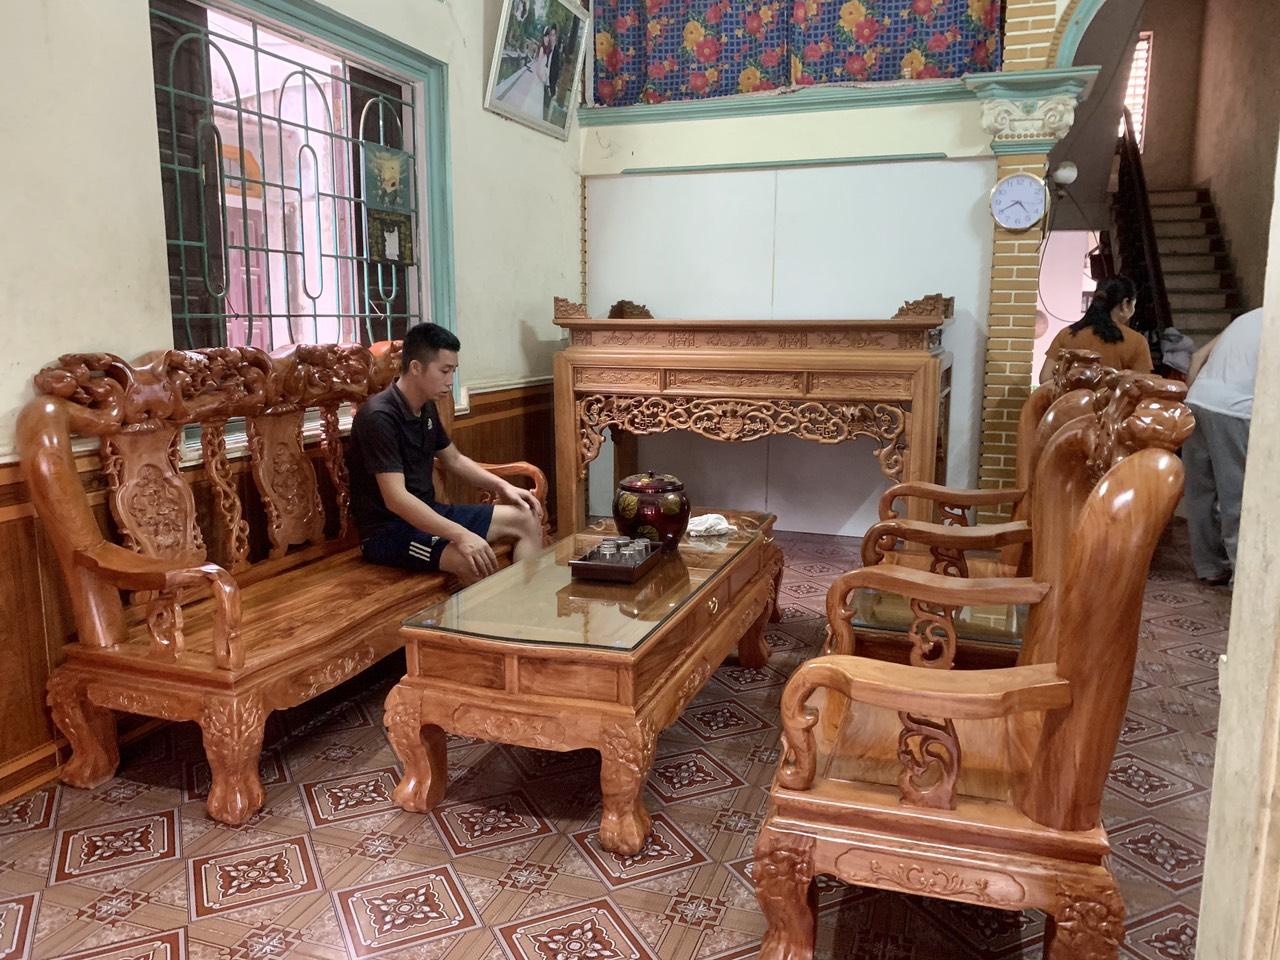 an gian go gu ngu phuc - Án gian thờ ngũ phúc gỗ gụ lào chân 12 (dạ đục tay)